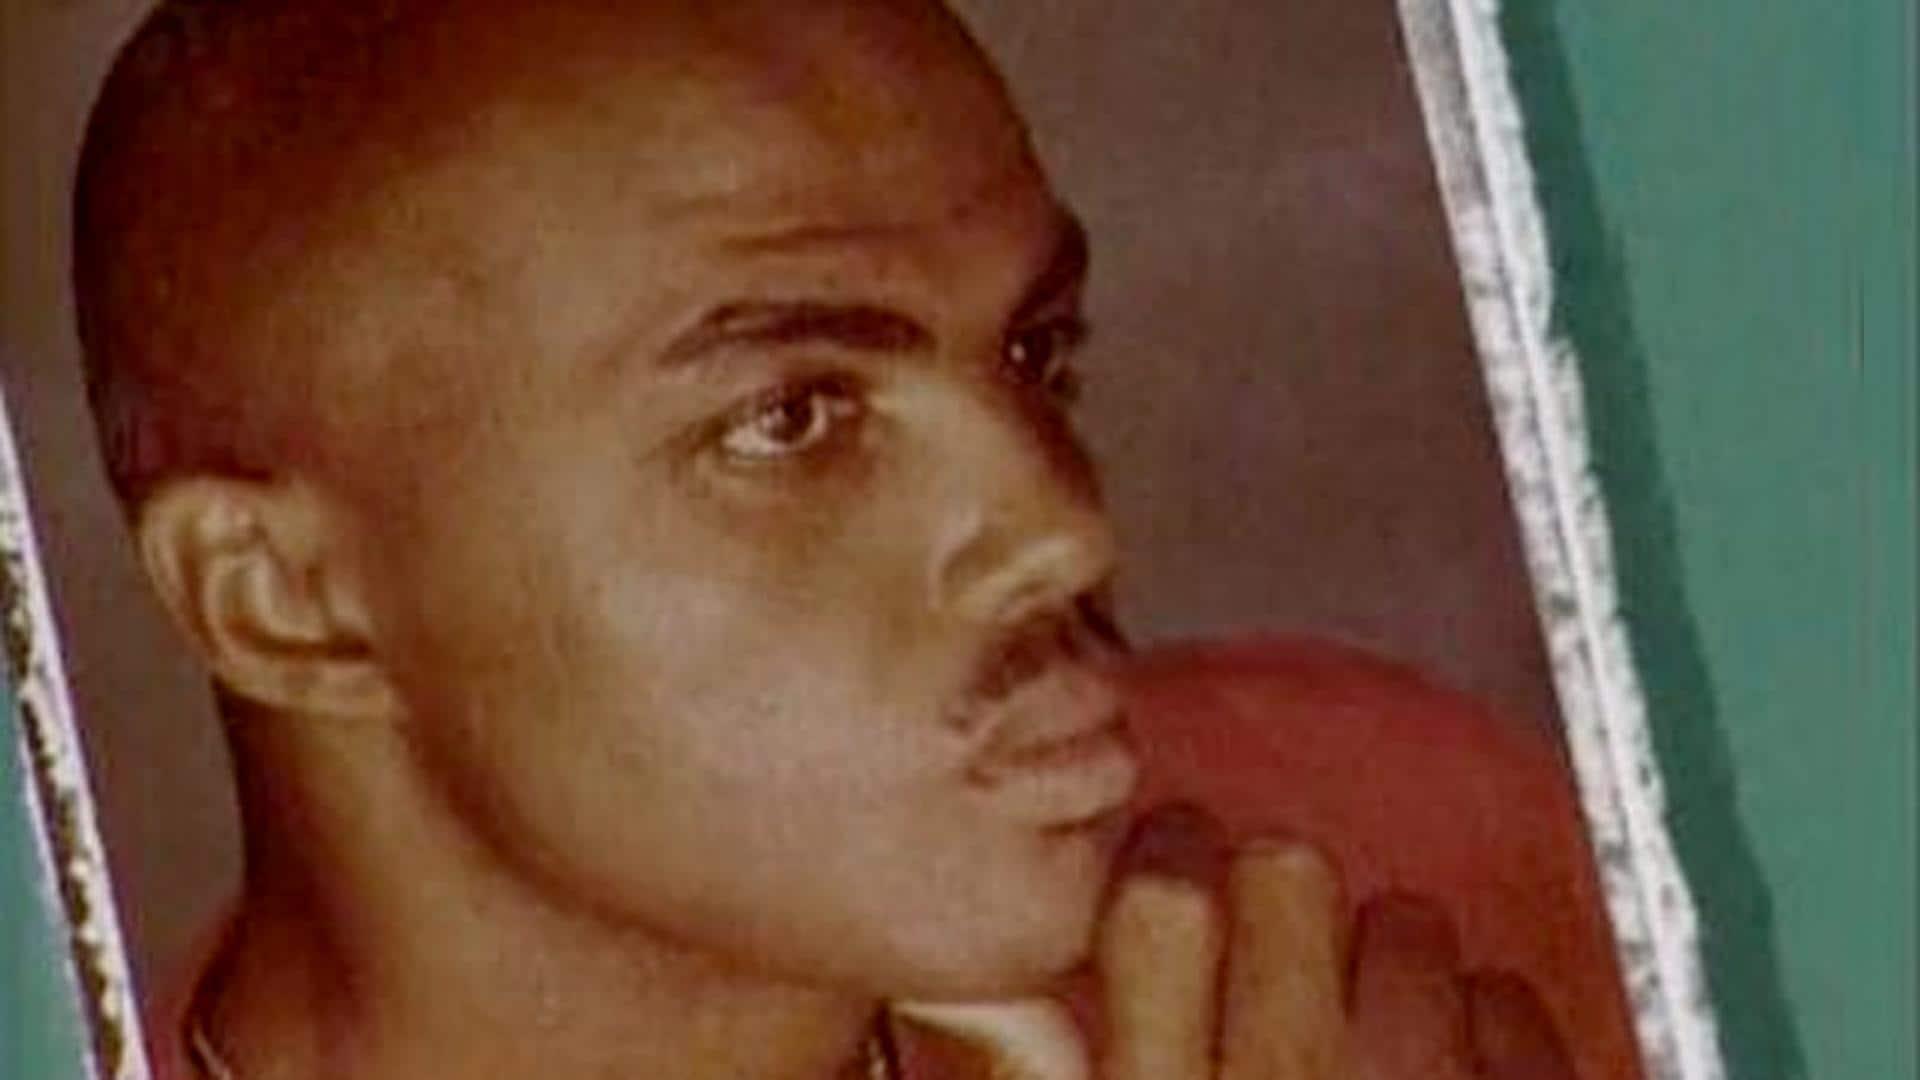 Charles Barkley: September 25, 1993